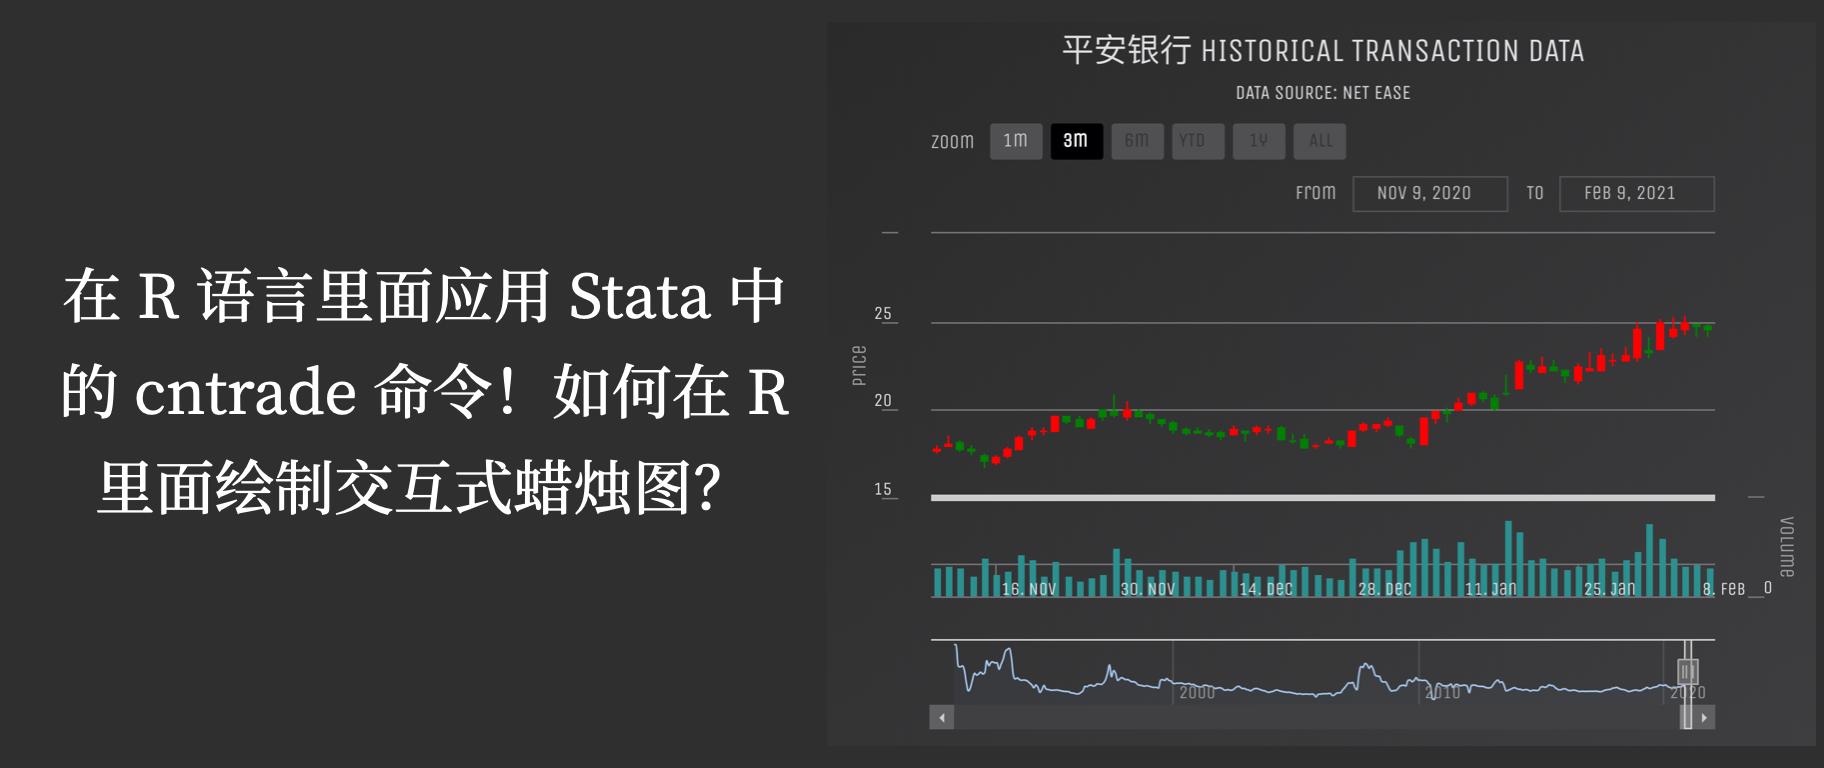 在 R 语言里面应用 Stata 中的 cntrade 命令!如何在 R 里面绘制交互式蜡烛图?